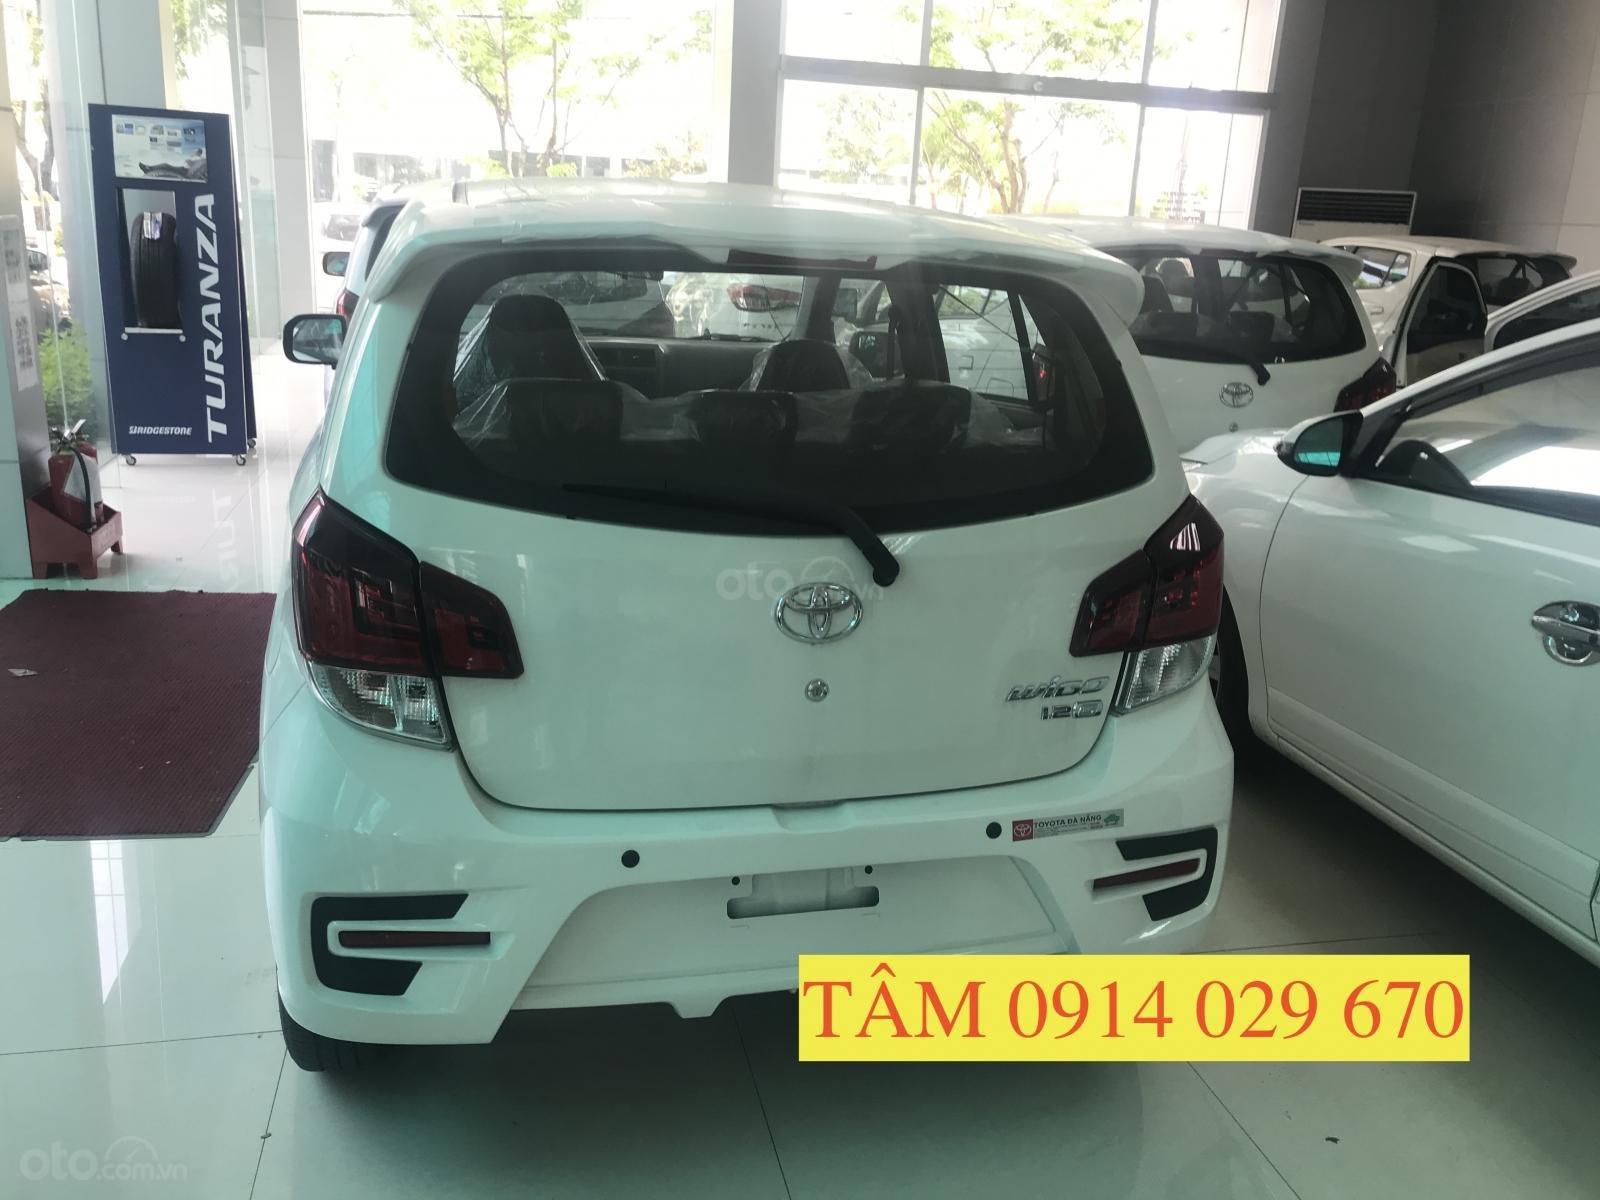 Bán xe Toyota Wigo 2019, hỗ trợ mua xe trả góp, hỗ trợ bán xe lô - LH 0914 029 670-2